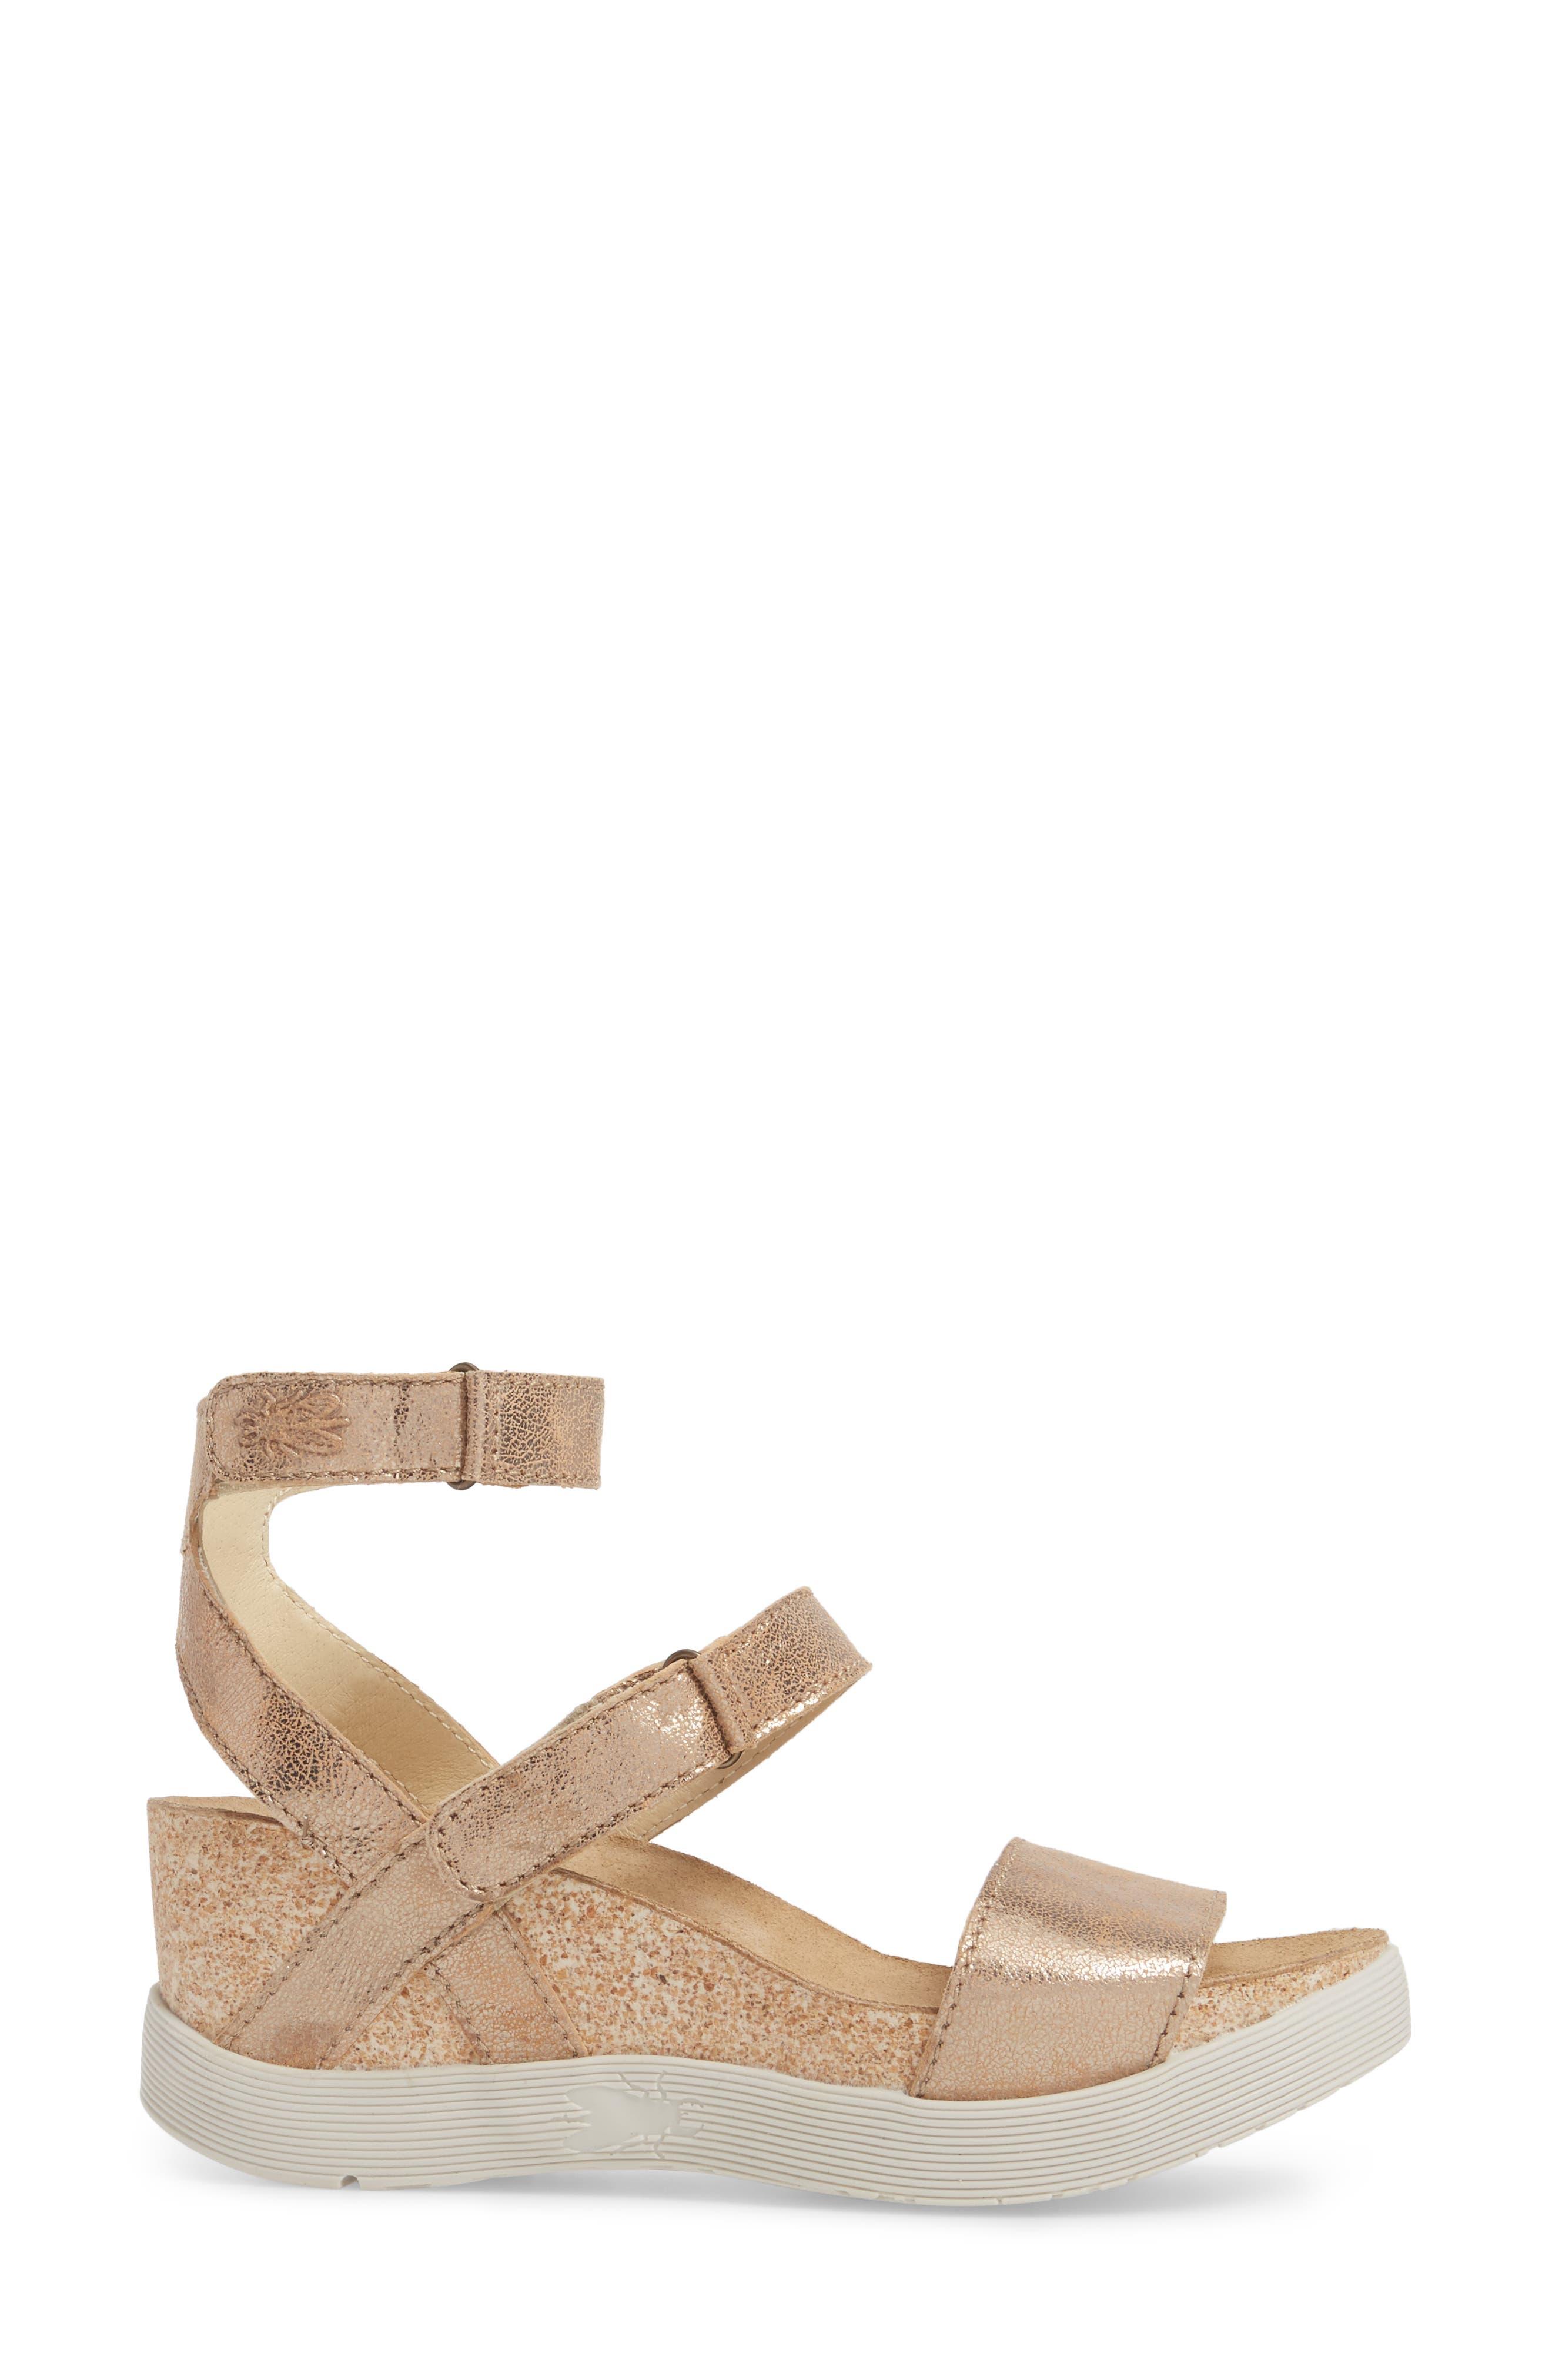 Wink Platform Sandal,                             Alternate thumbnail 3, color,                             LUNA COOL LEATHER